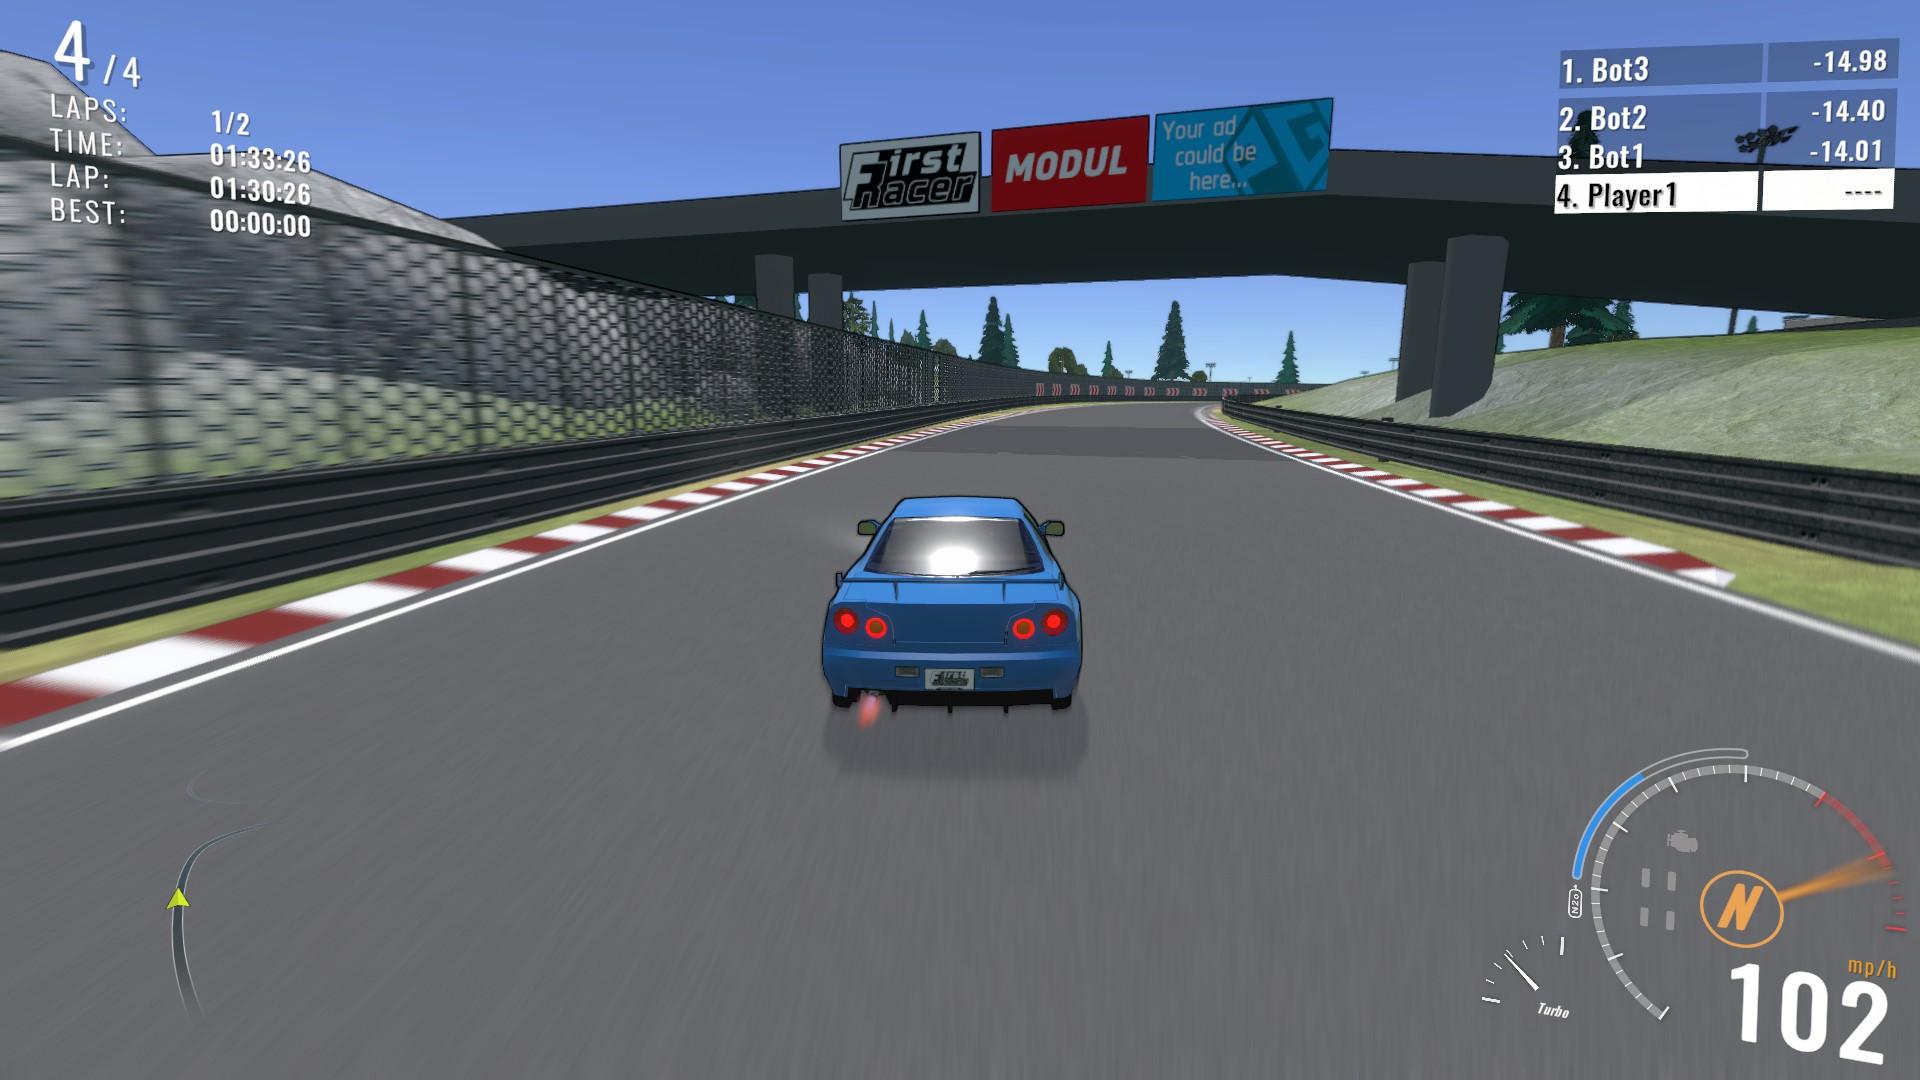 First Racer Steam Next Fest Racing Demo Boost Mode